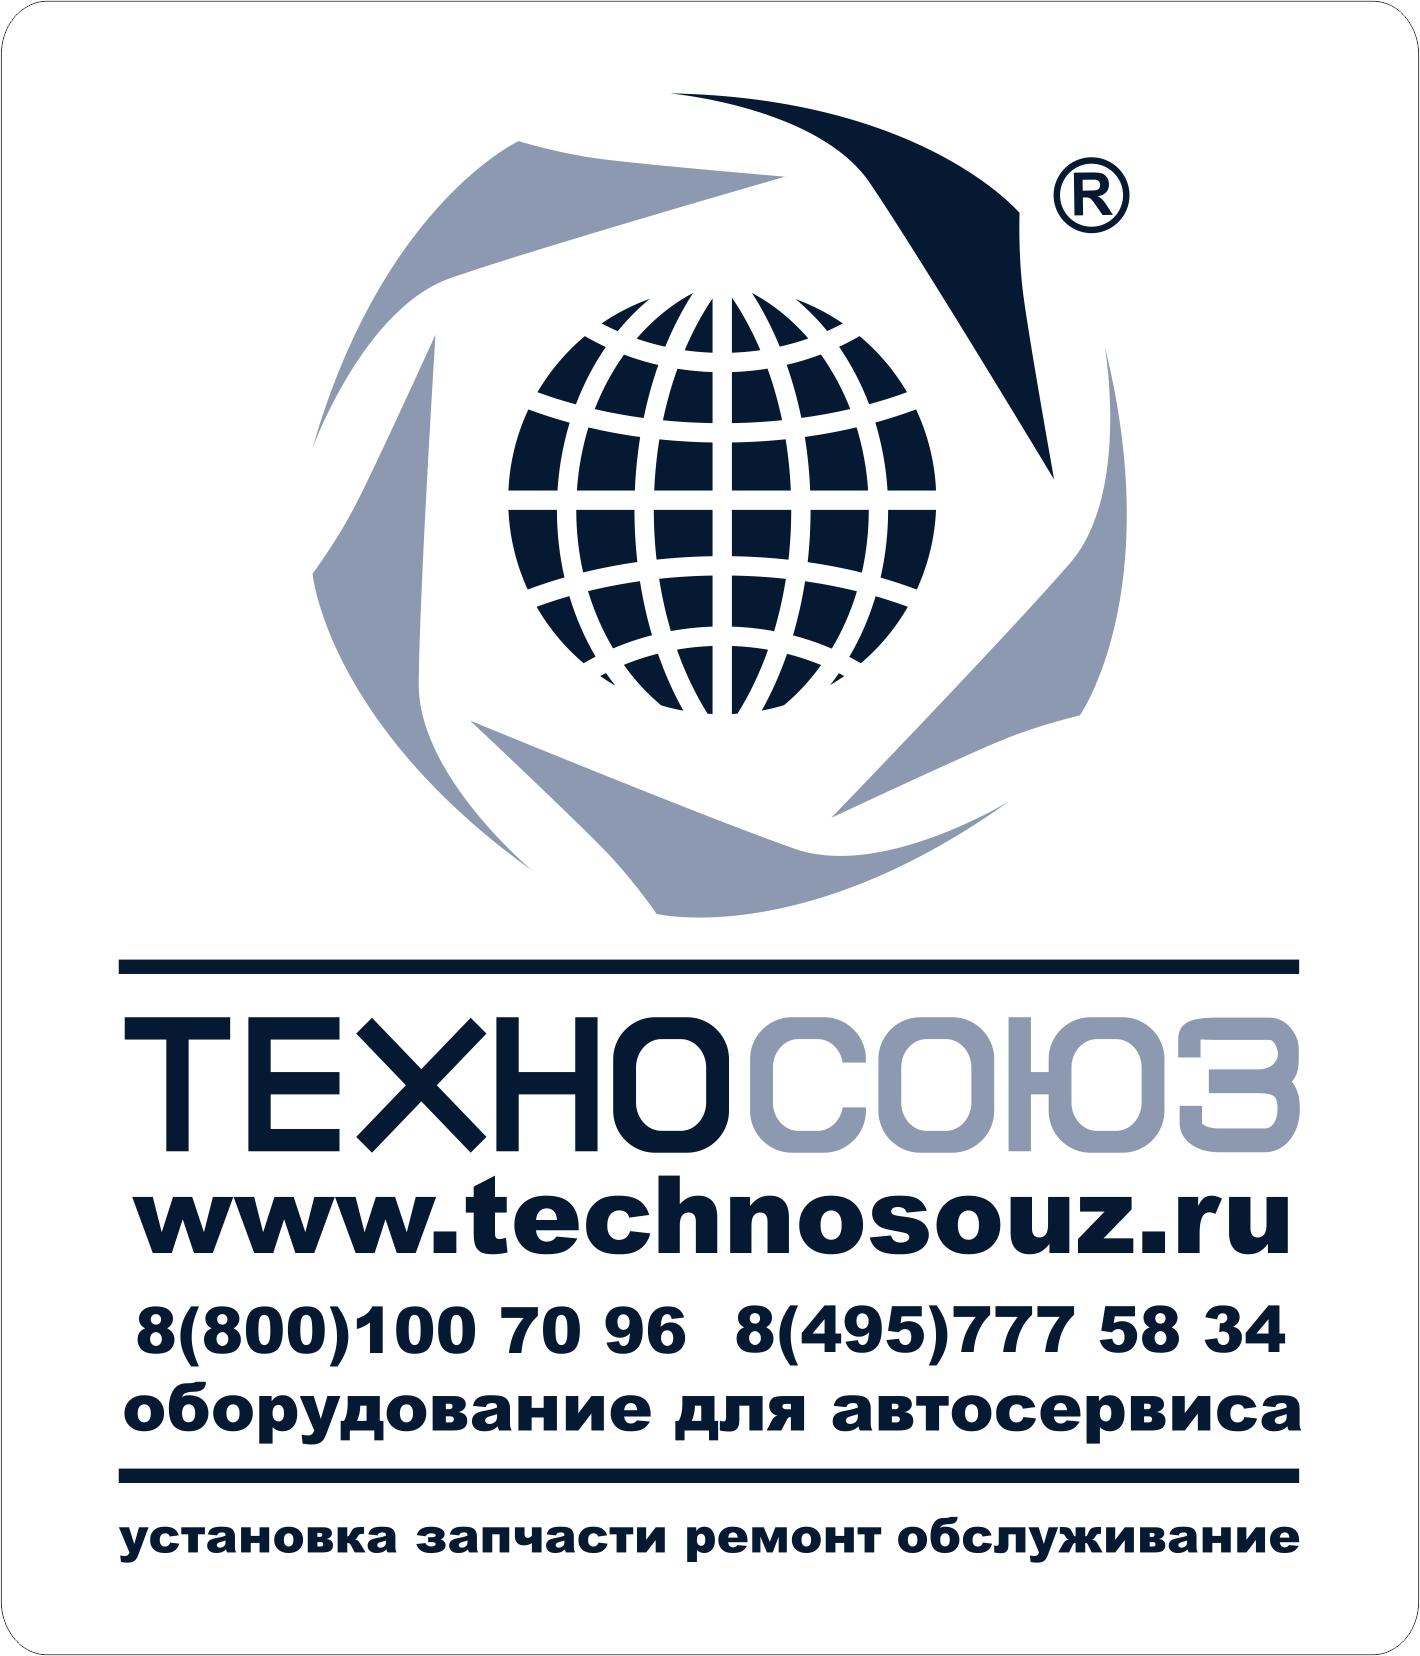 Техносоюз